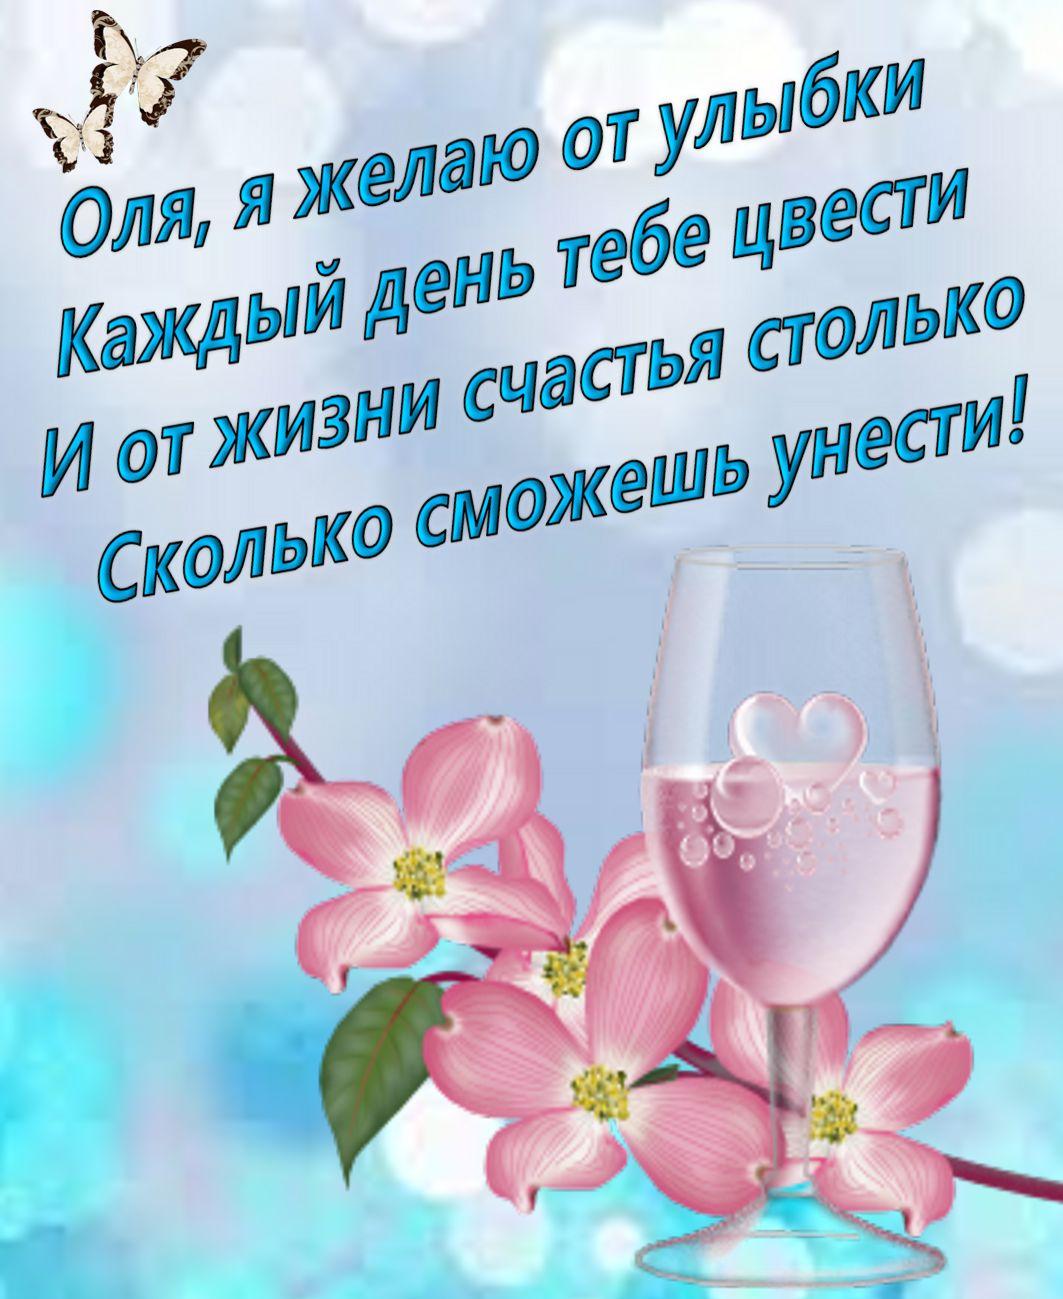 Пожелание для Оли на голубом фоне с цветами